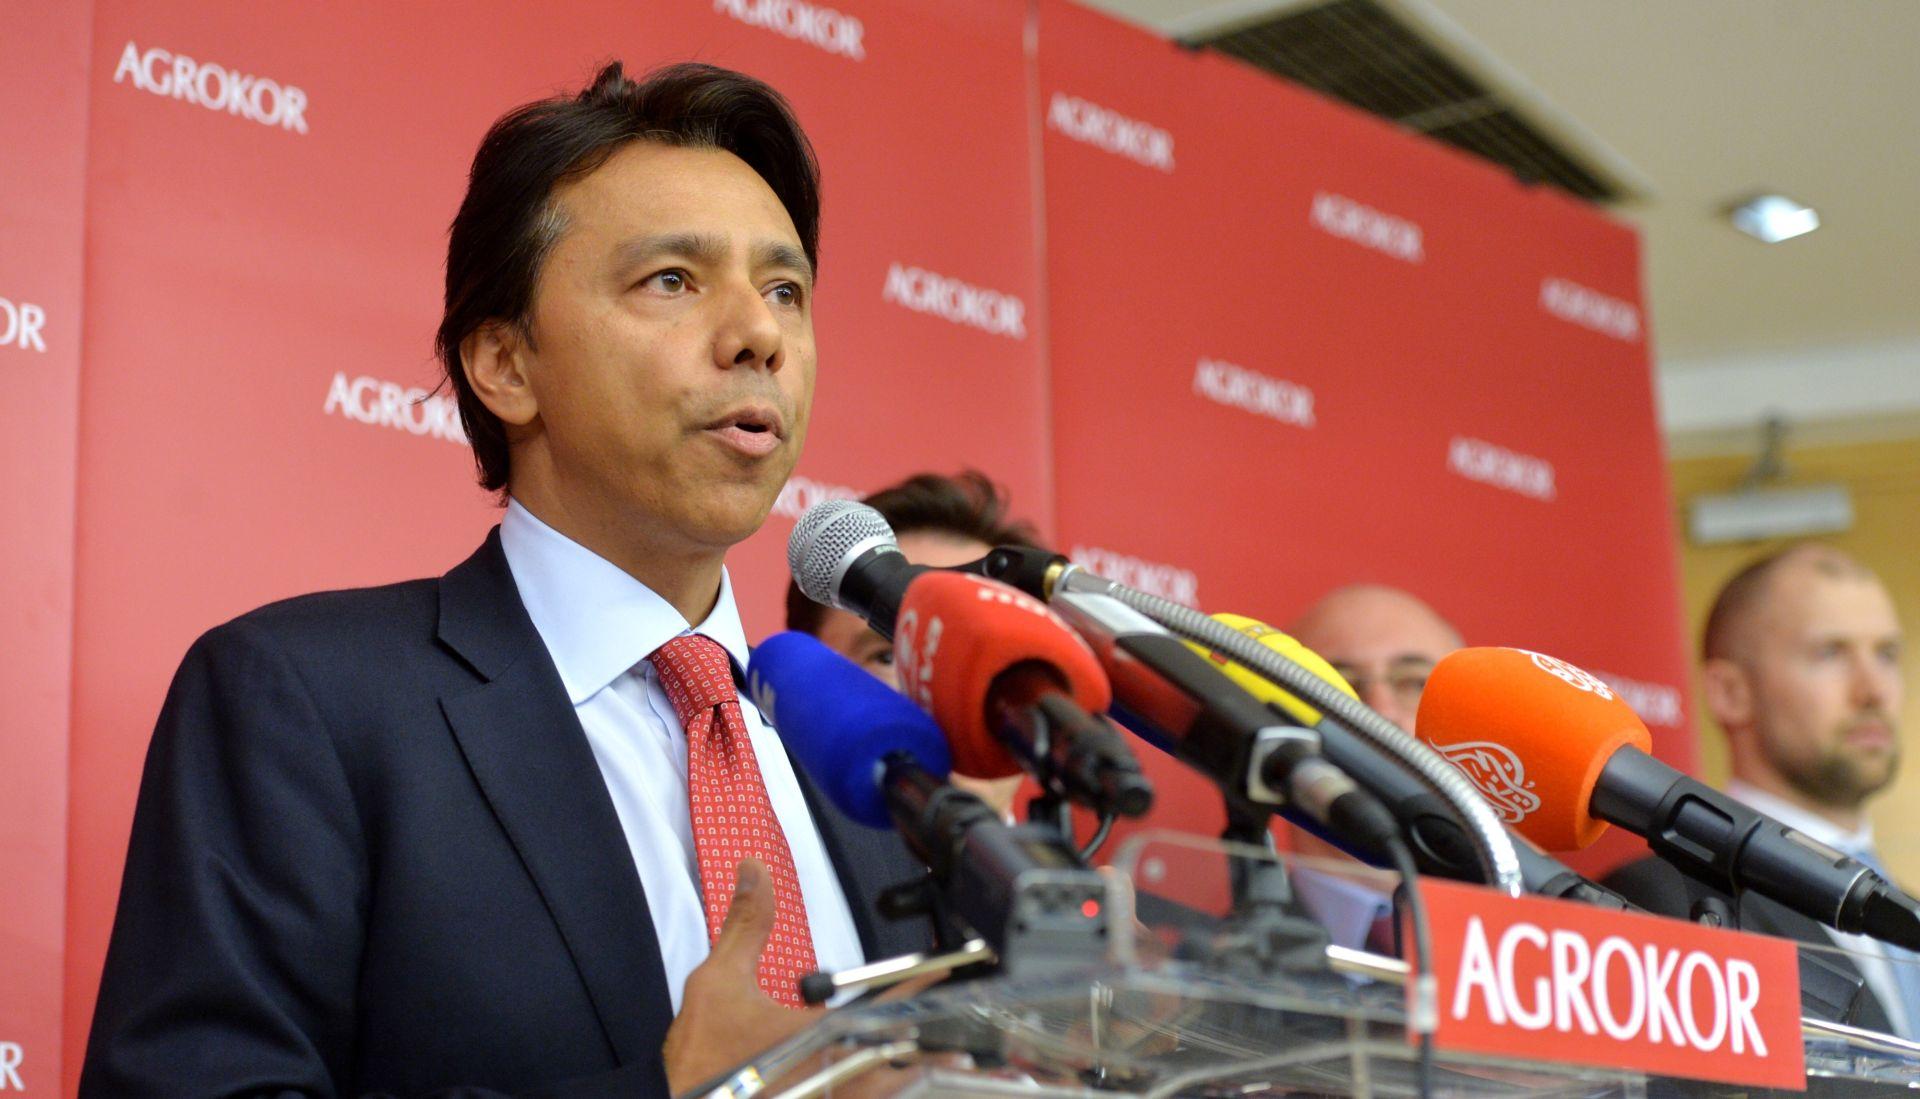 AKTIVIRANJE 'LEX AGROKORA' Alvarez: 'Ostajem do daljenjega'